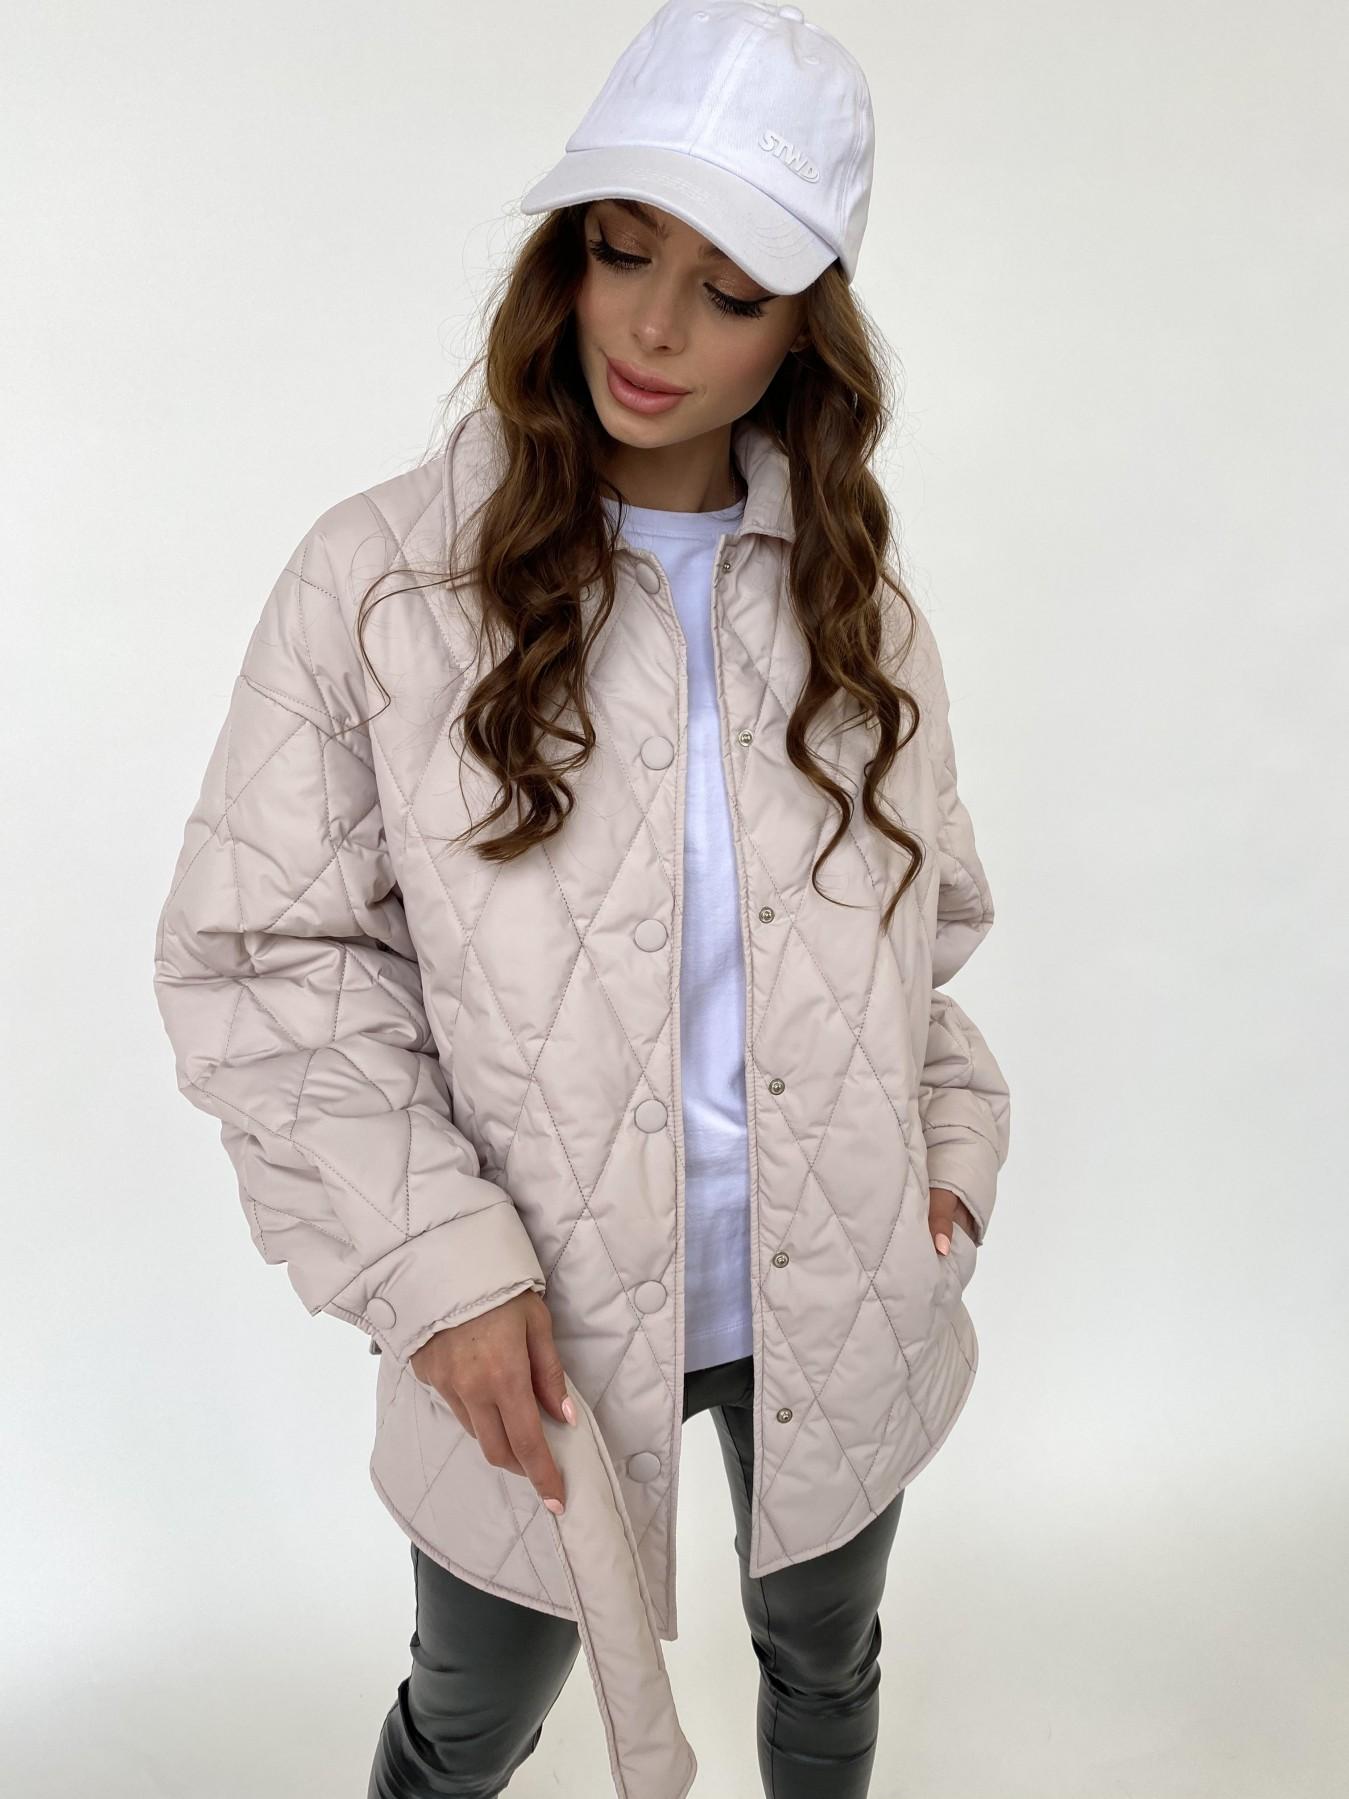 Моно куртка из плащевой ткани Ammy 10972 АРТ. 47515 Цвет: Бежевый 970 - фото 3, интернет магазин tm-modus.ru